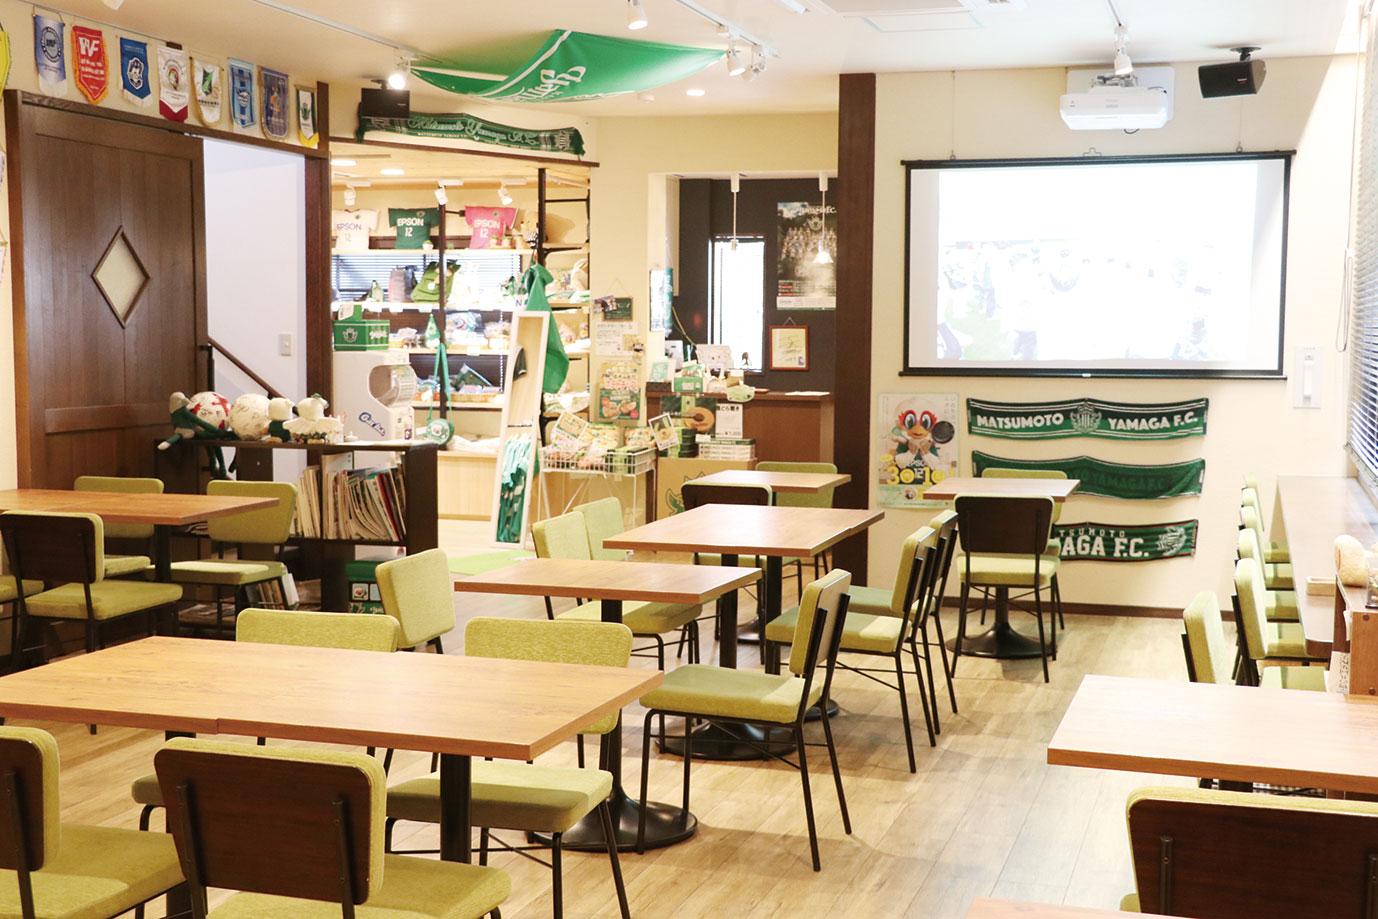 子ども用イスの用意あり。店内には松本山雅FCグッズを販売するオフィシャルショップも